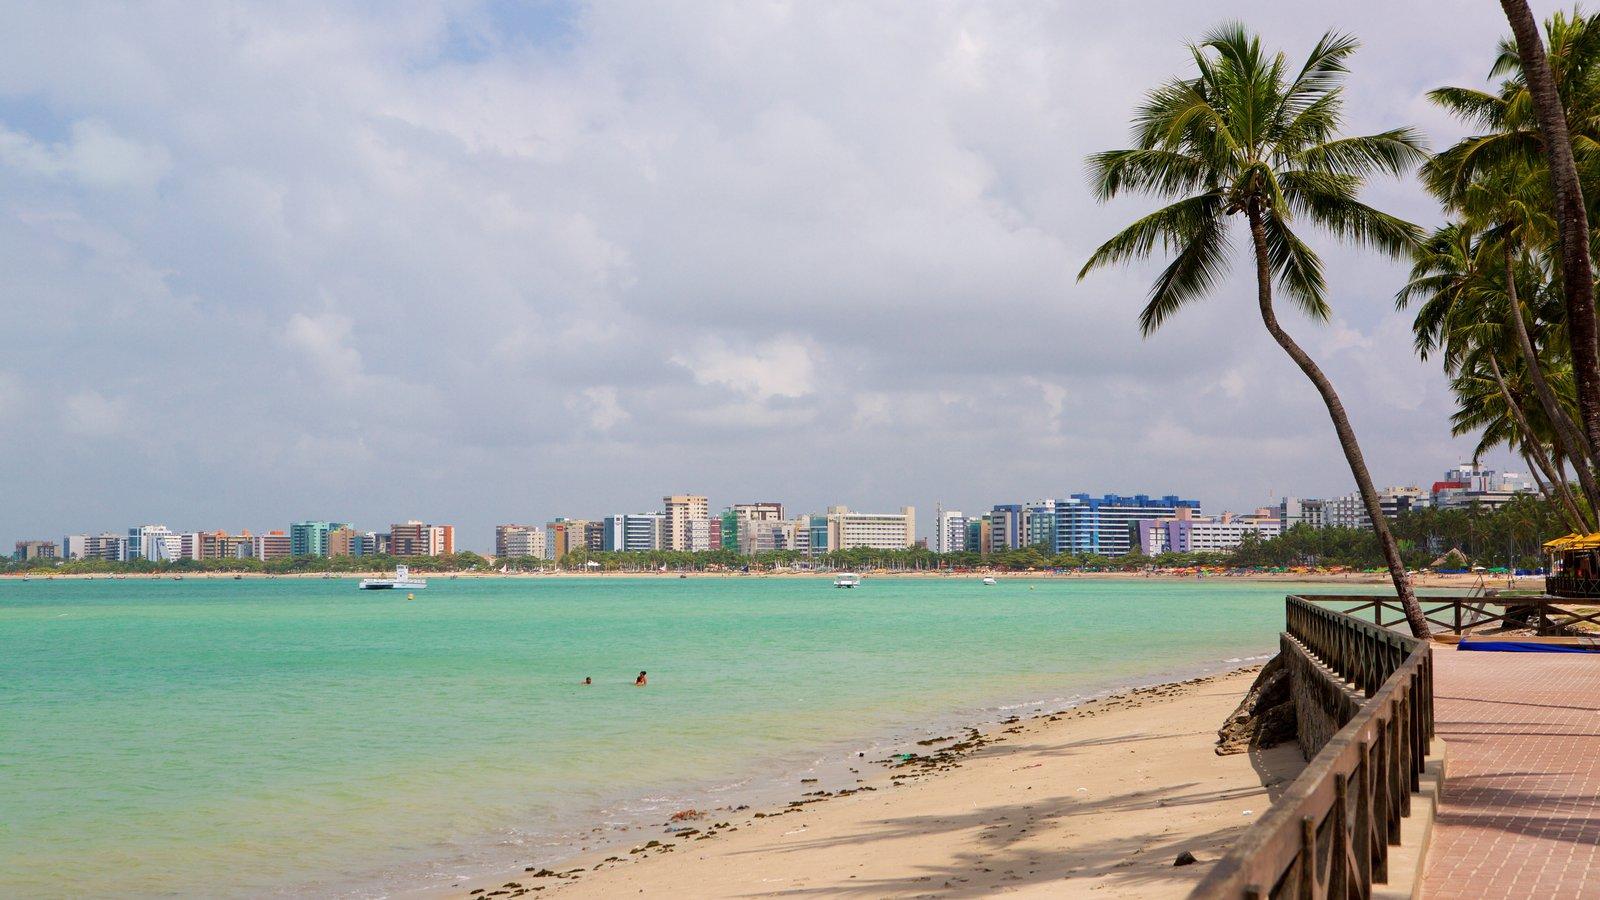 Praia de Ponta Verde mostrando paisagens litorâneas, uma praia e uma cidade litorânea